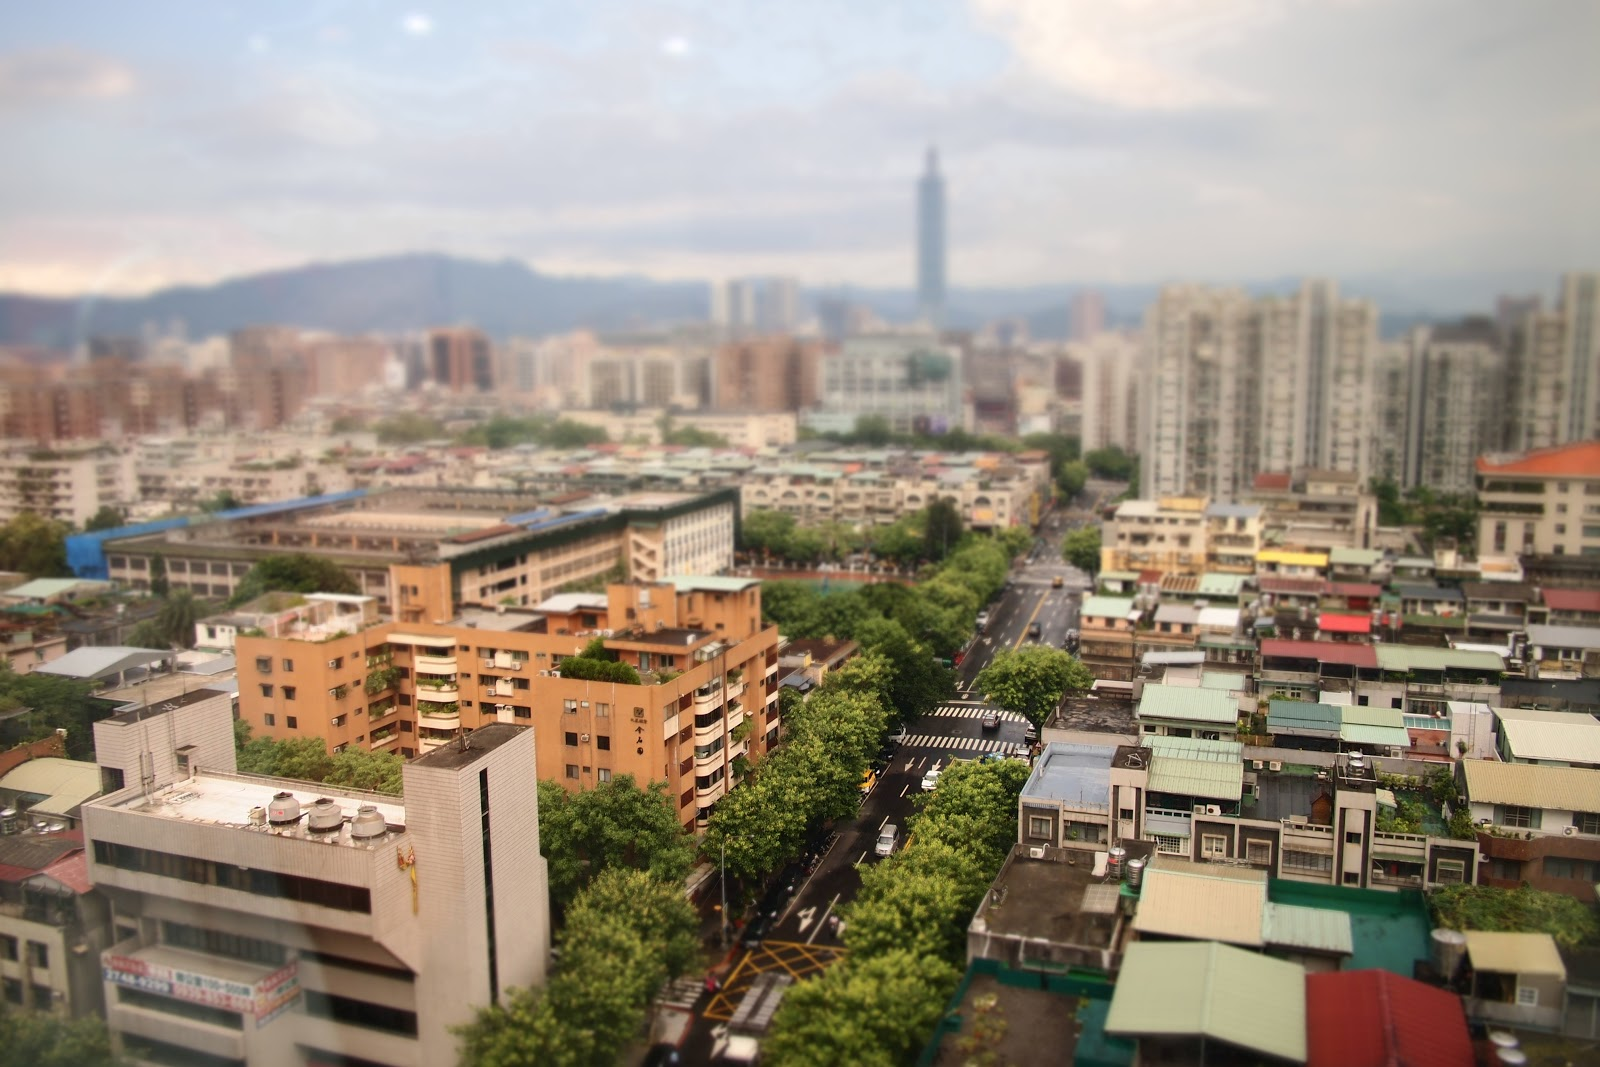 台北市5大重劃區房價暴跌! 信義計畫區跌幅達15.4% | 文章內置圖片